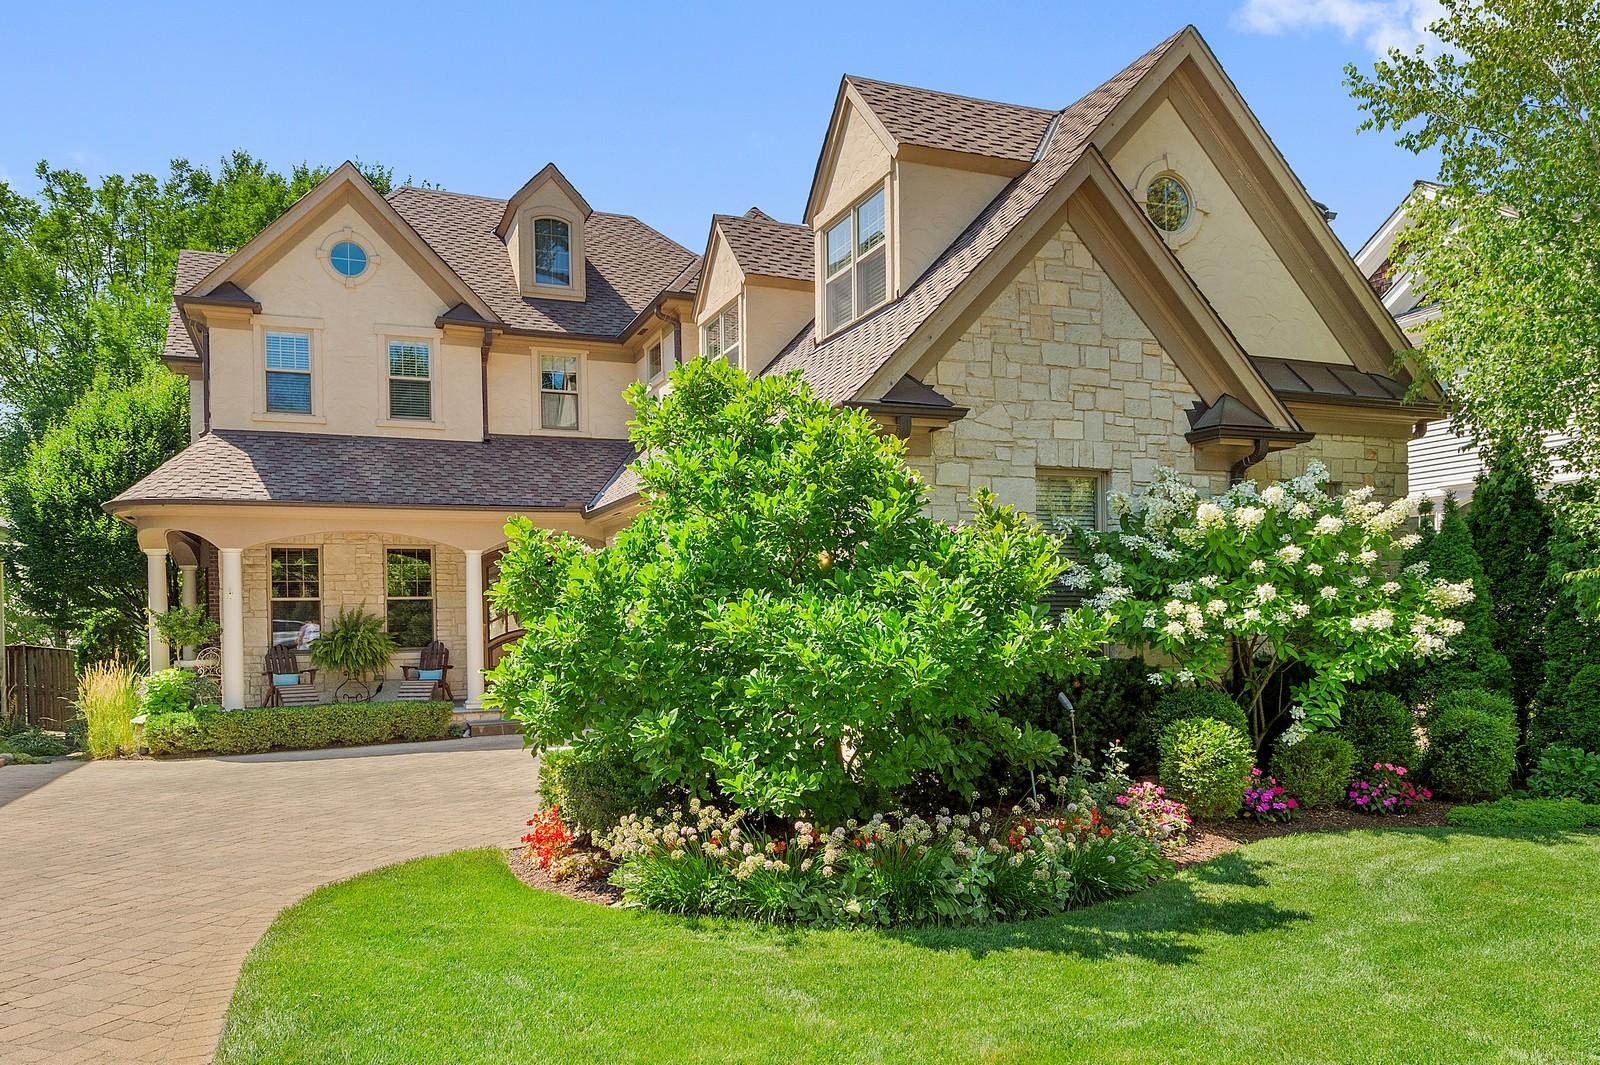 단독 가정 주택 용 매매 에 316 s Grant St Hinsdale, 일리노이즈, 60521 미국